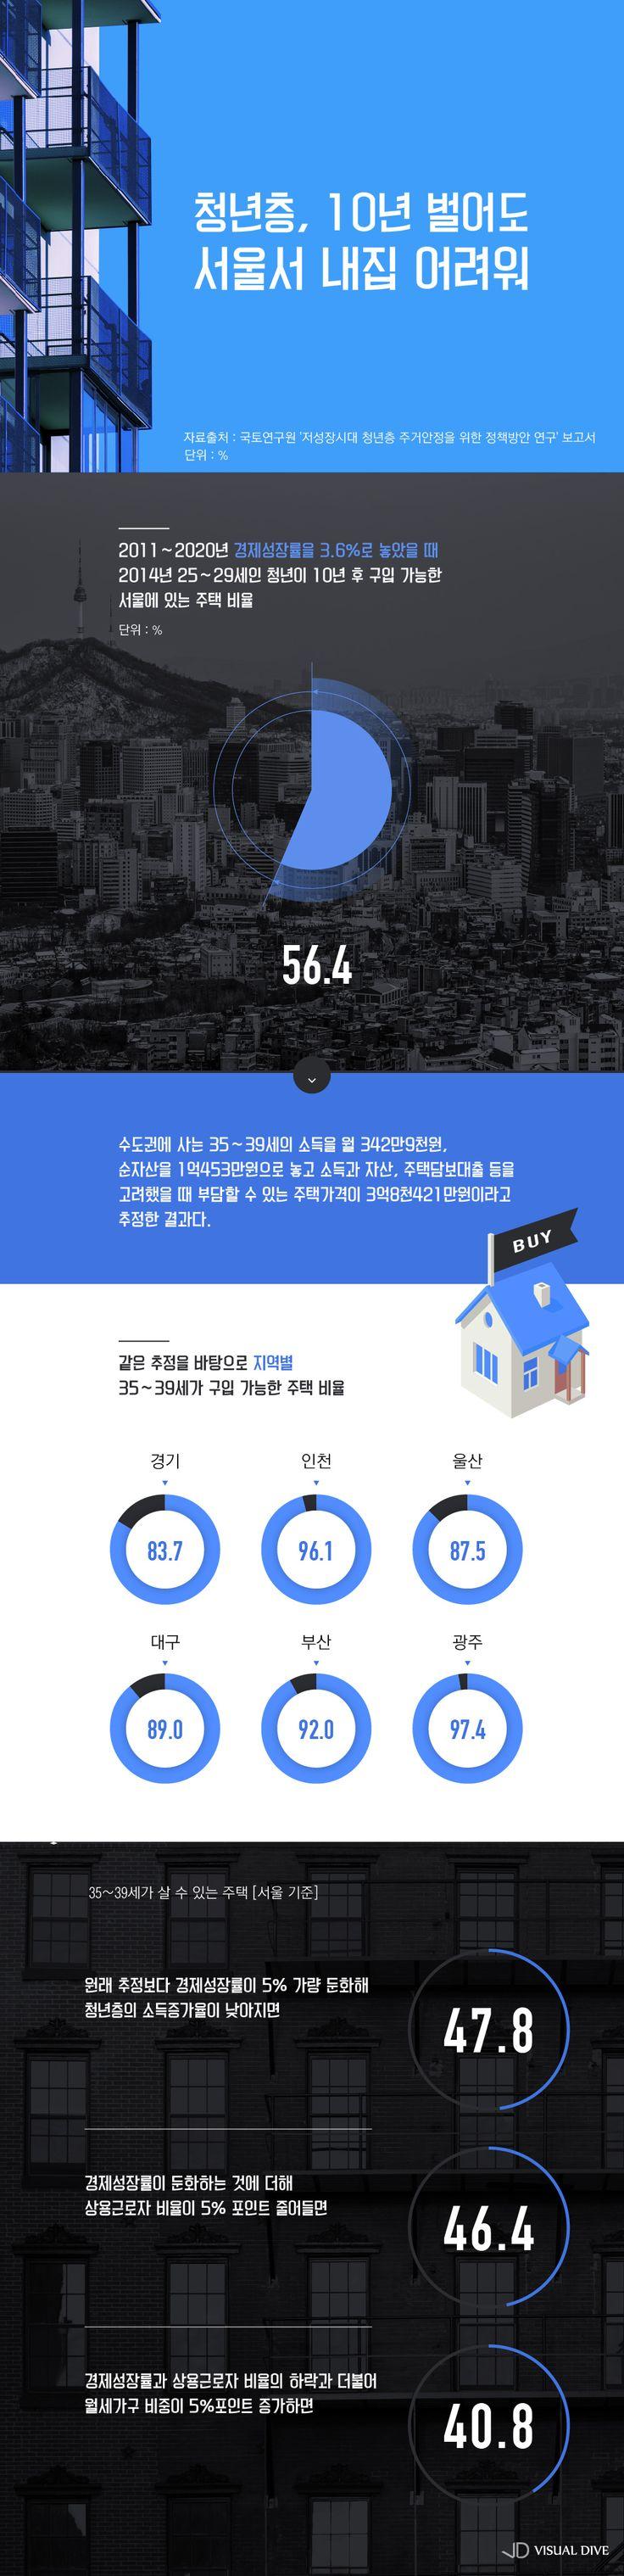 25~29세 청년층, 10년 벌어도 서울서 집사기 힘들다 [인포그래픽] | VISUAL DIVE